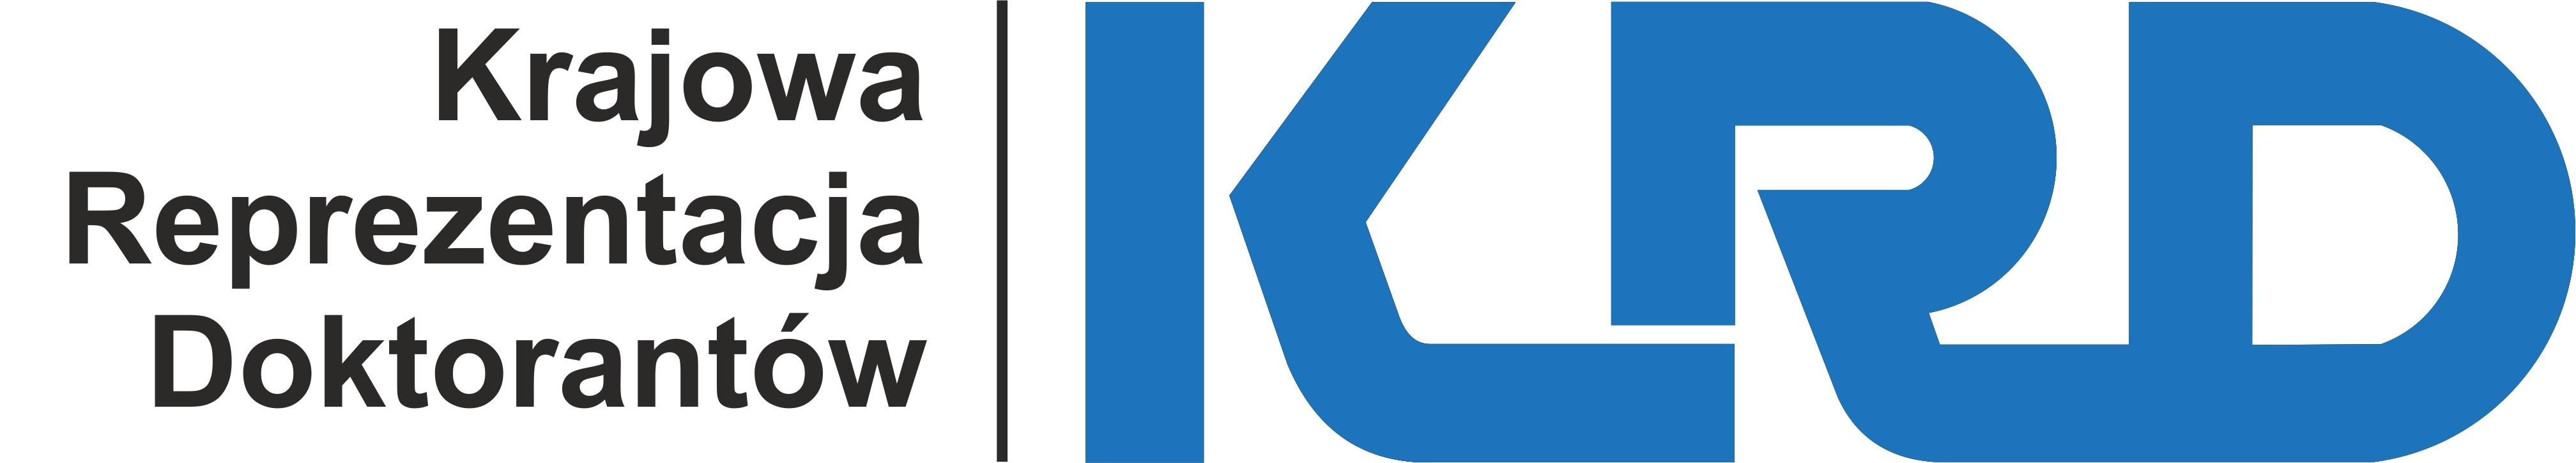 krd_logo_napisy